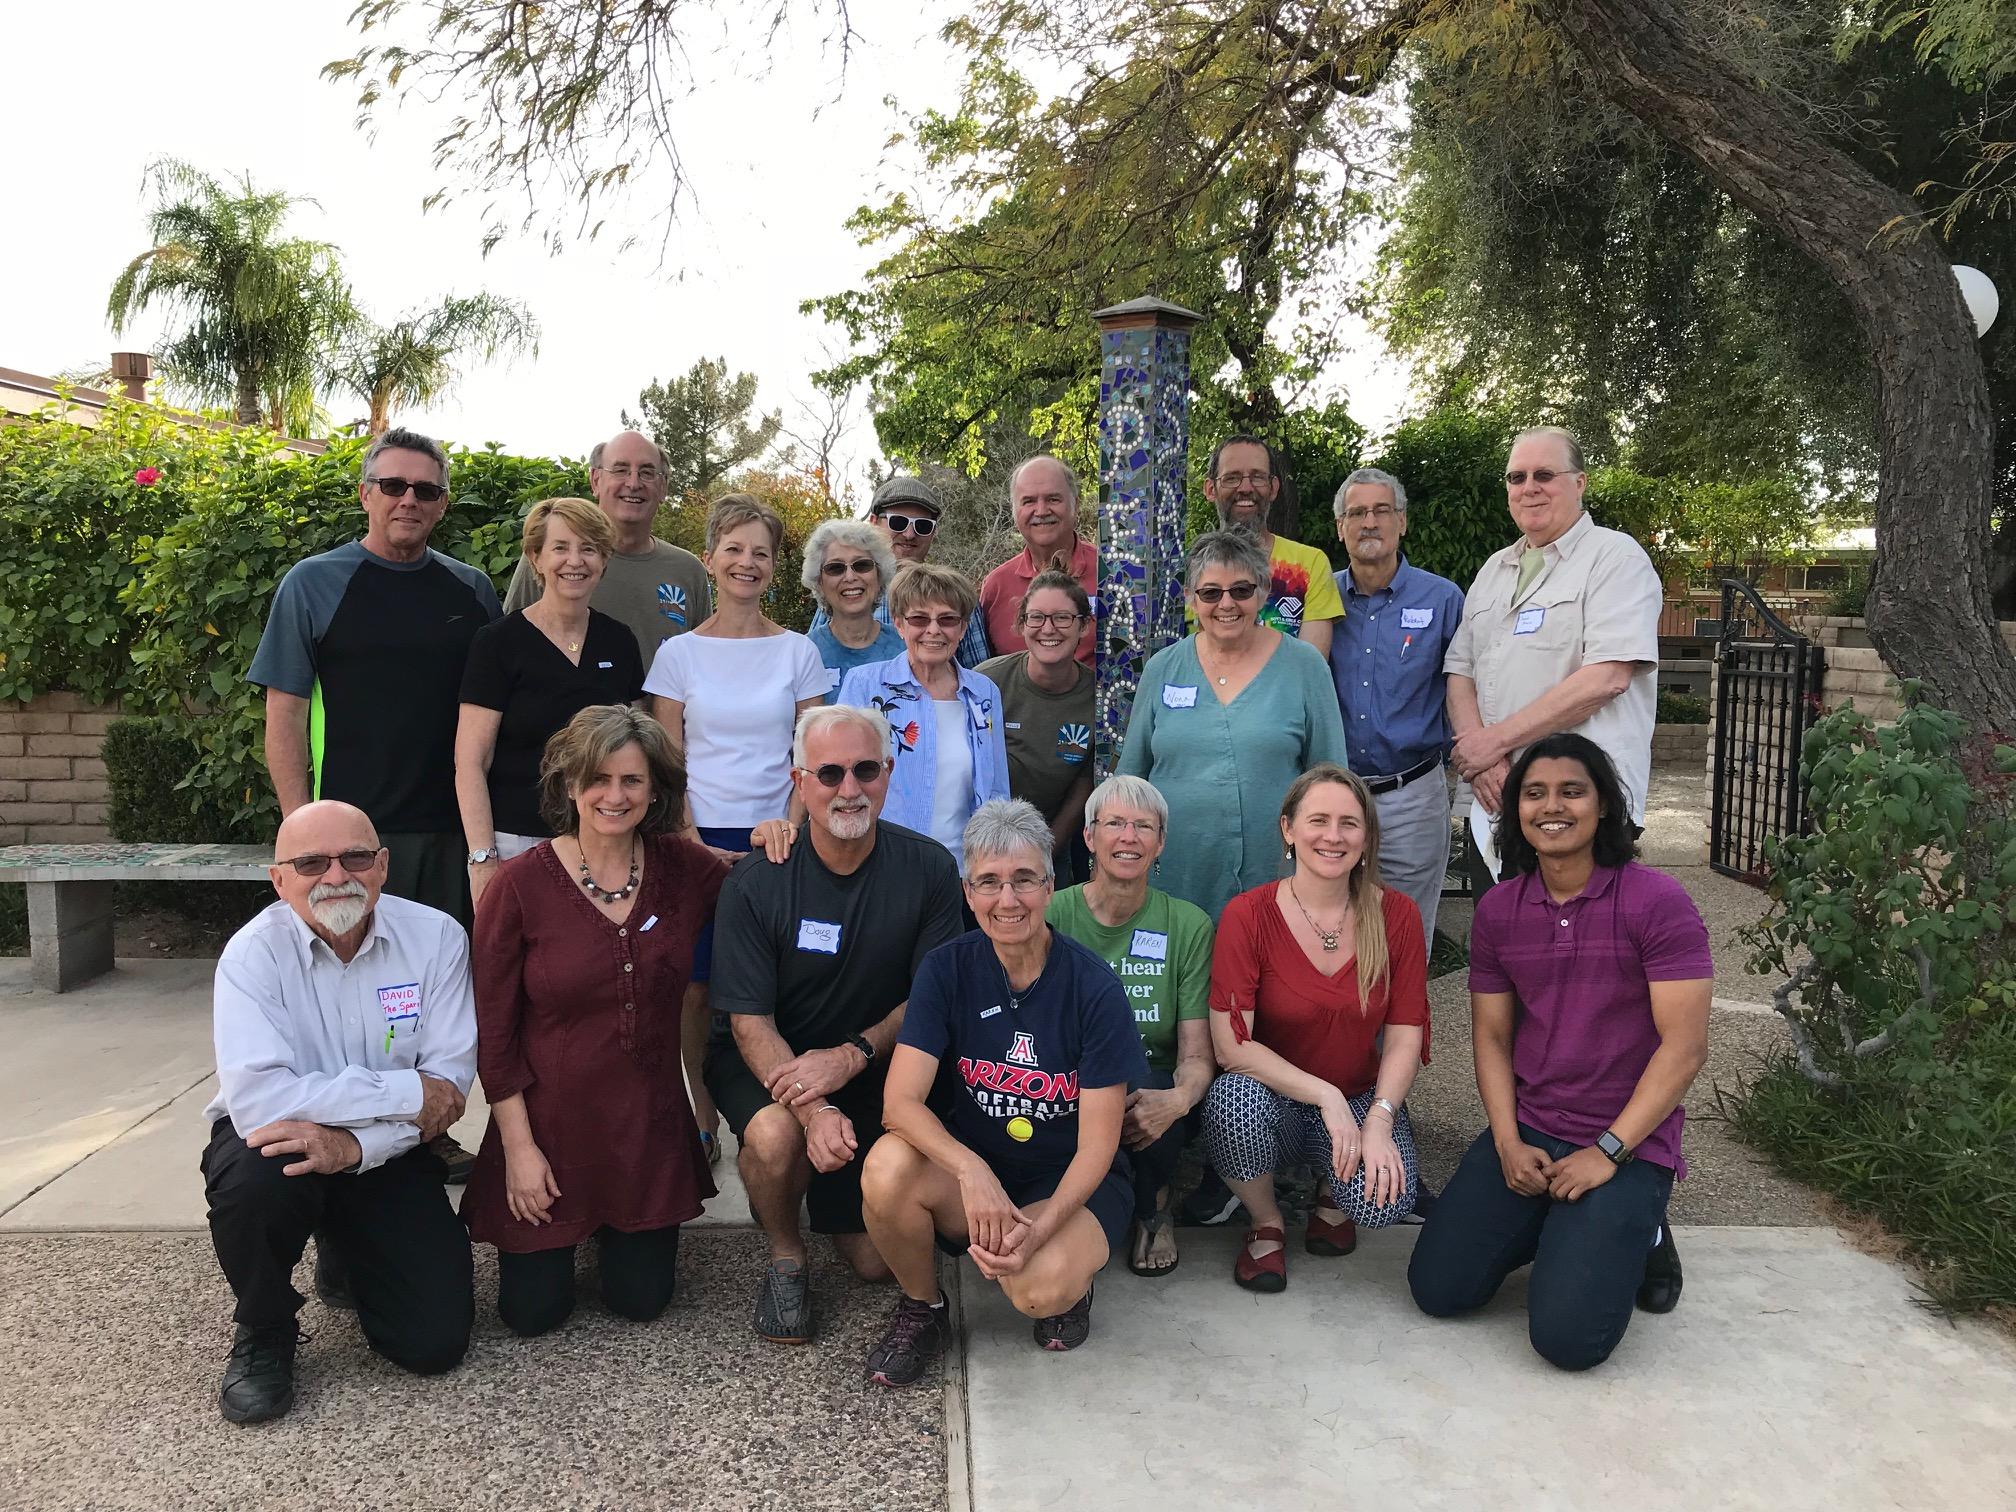 Arizona Interfaith Power & Light